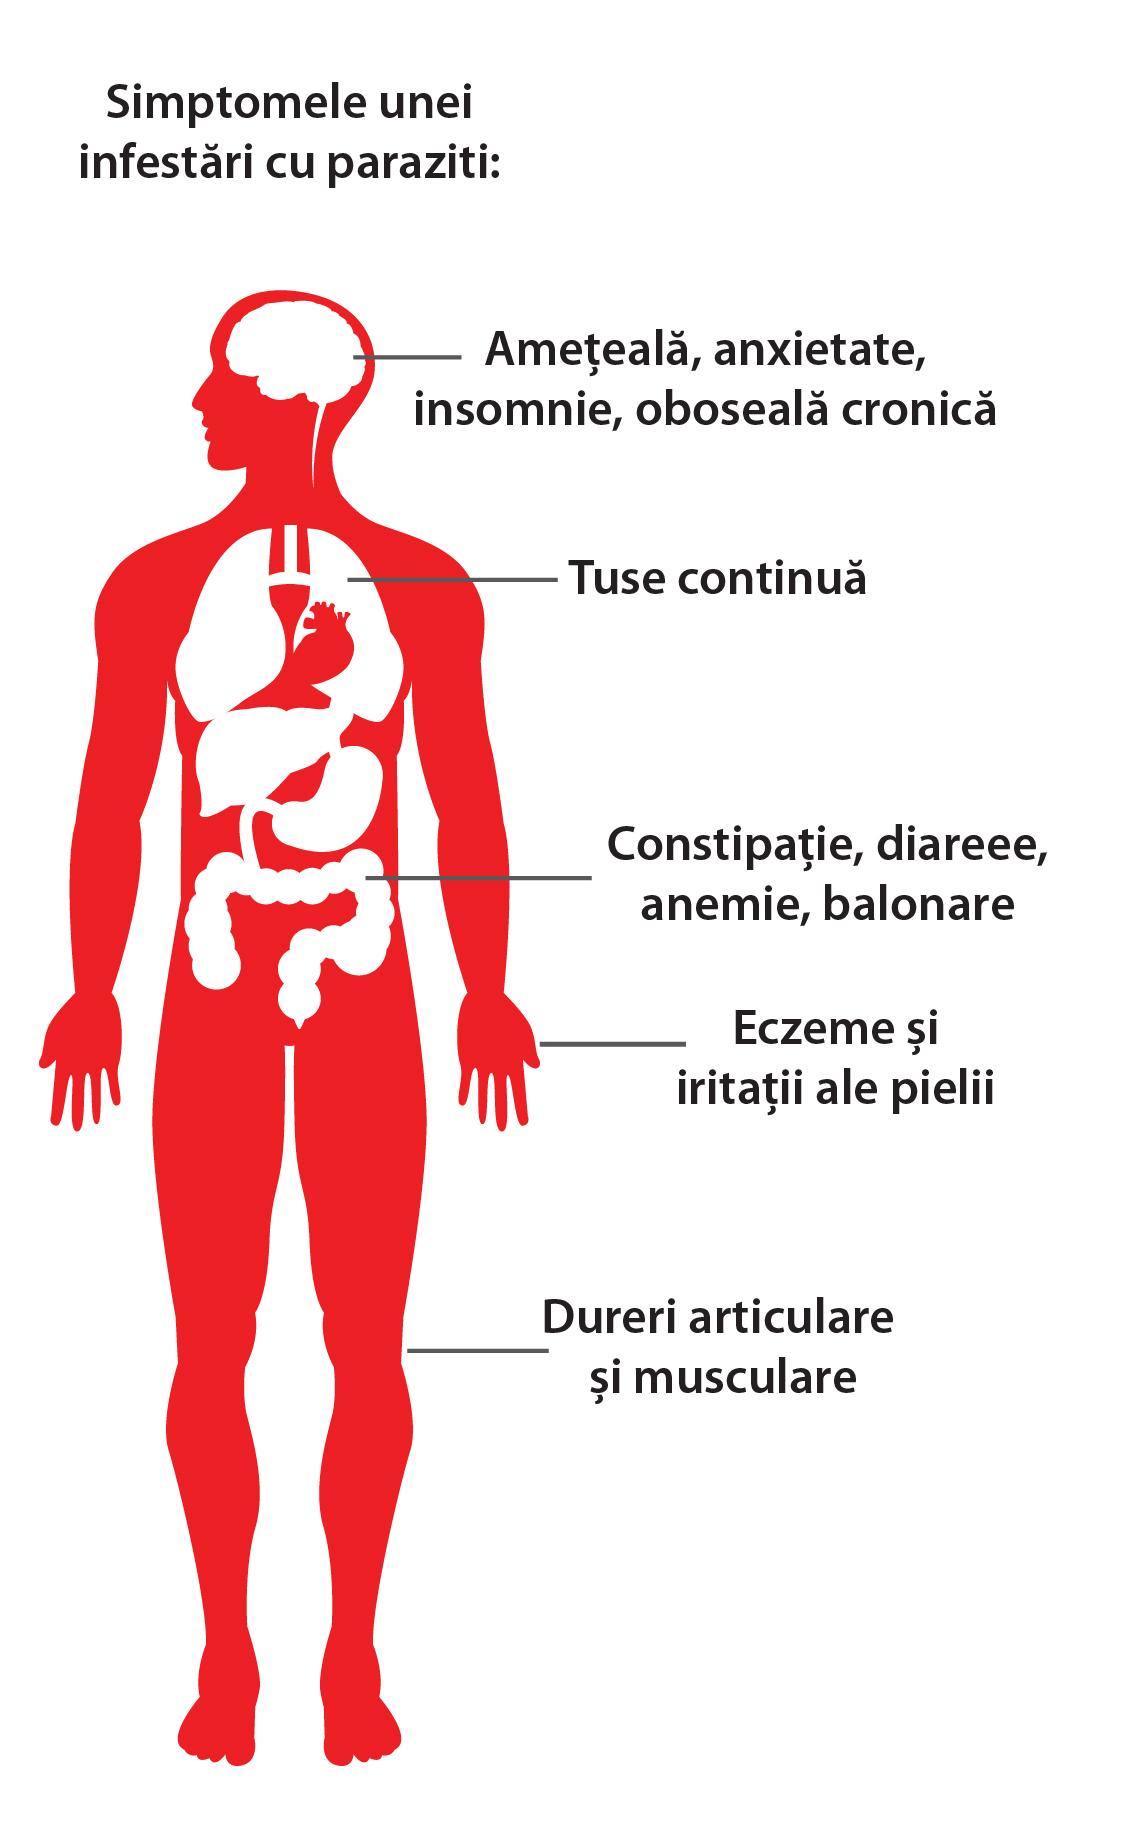 Paraziți în simptomele corpului uman medicament, Lesion de papiloma en boca